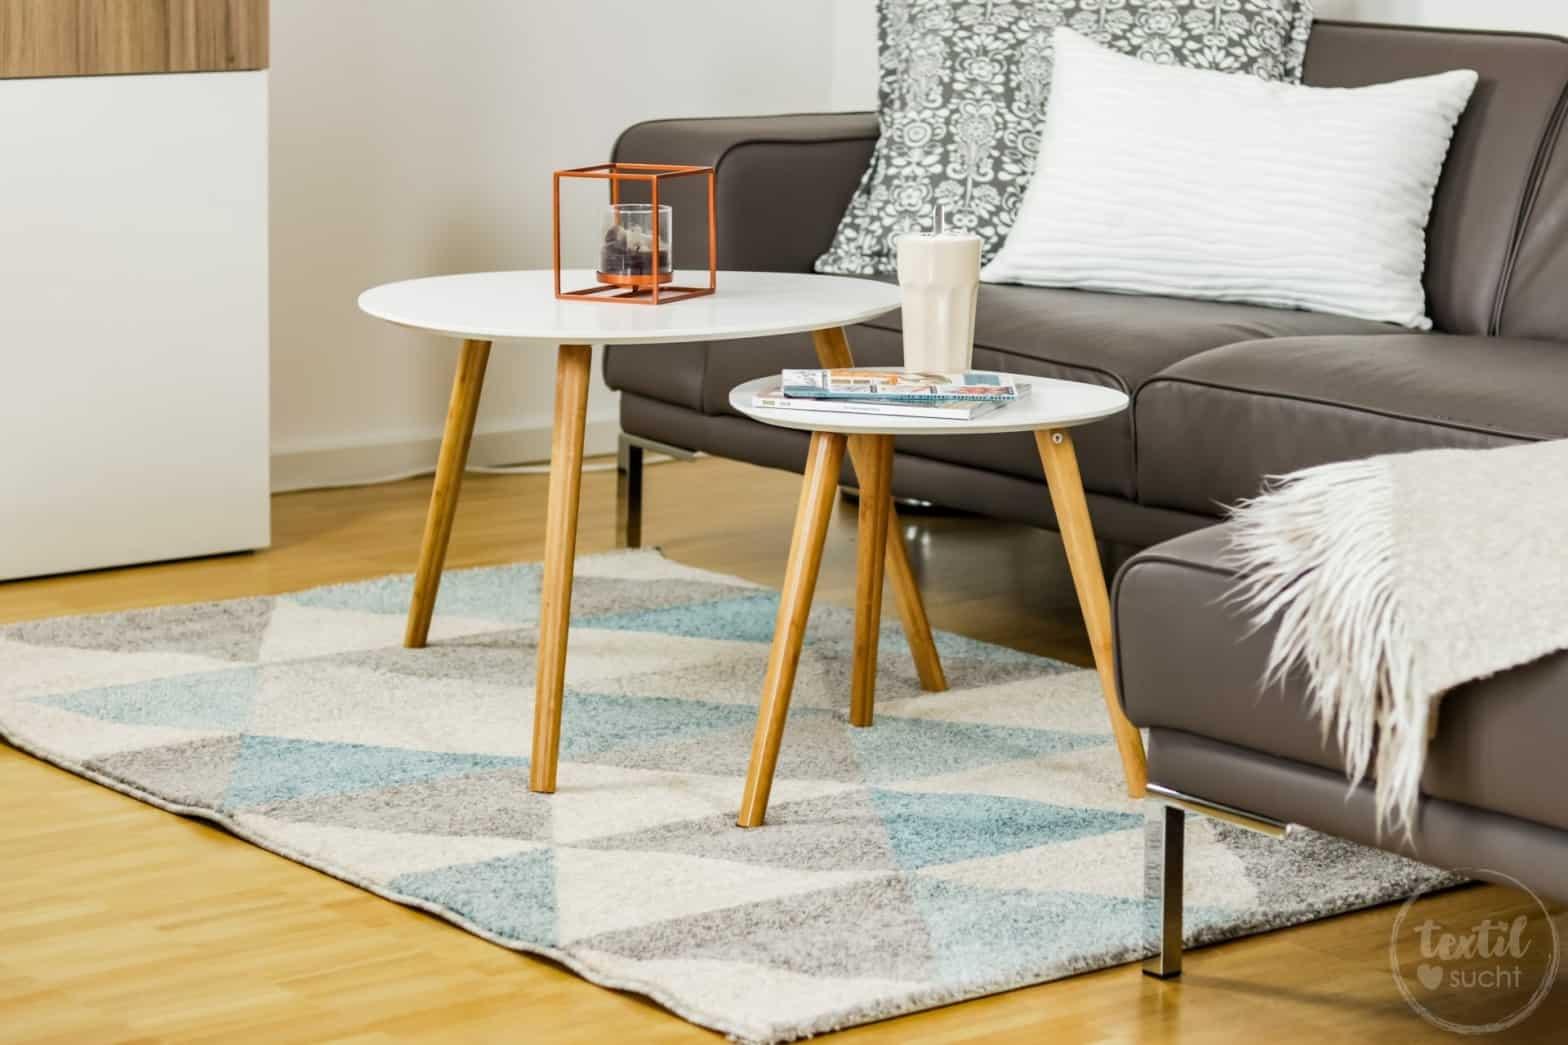 Raum Fur Kreativitat Mein Wohnzimmer Textilsucht